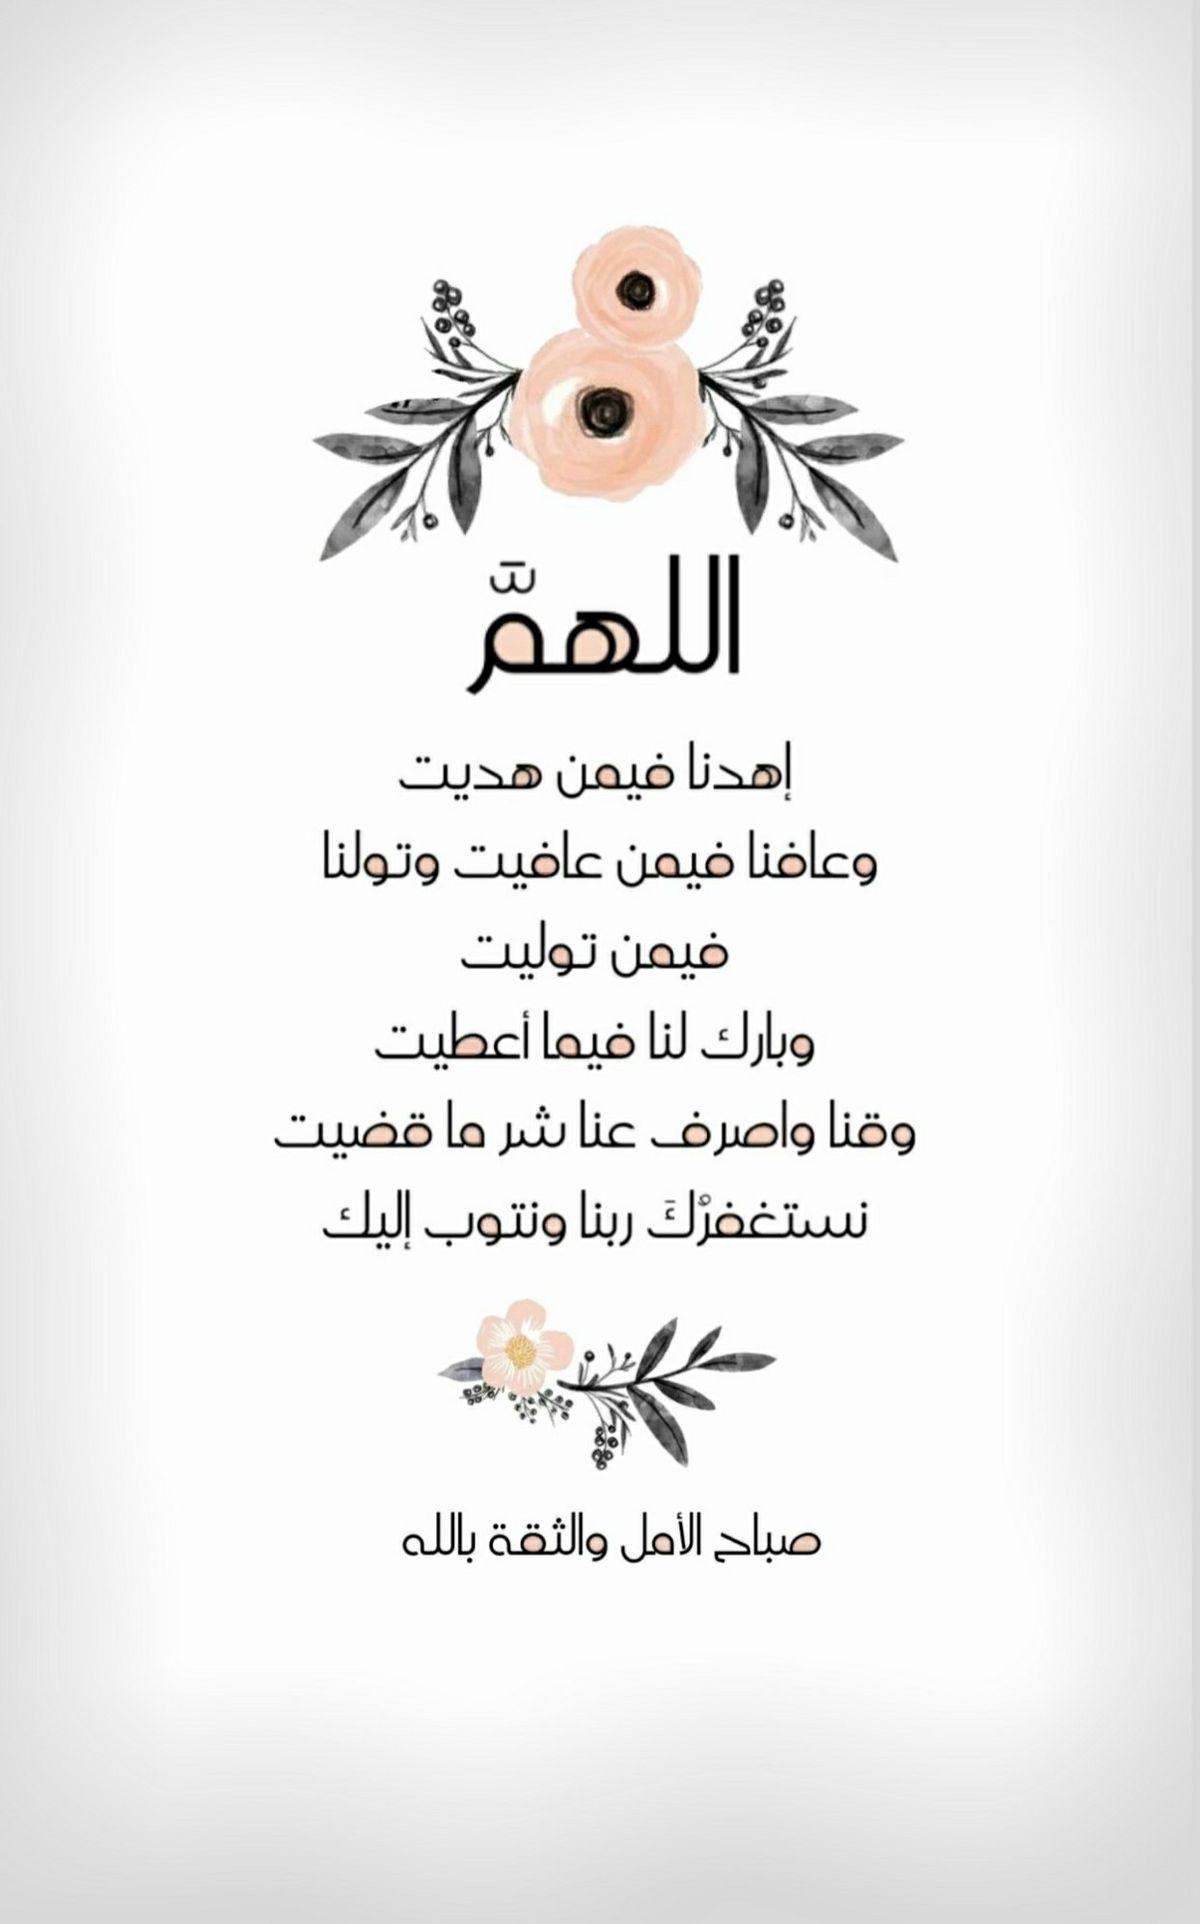 امين يارب العالمين Islam Facts Islamic Love Quotes Good Morning Arabic